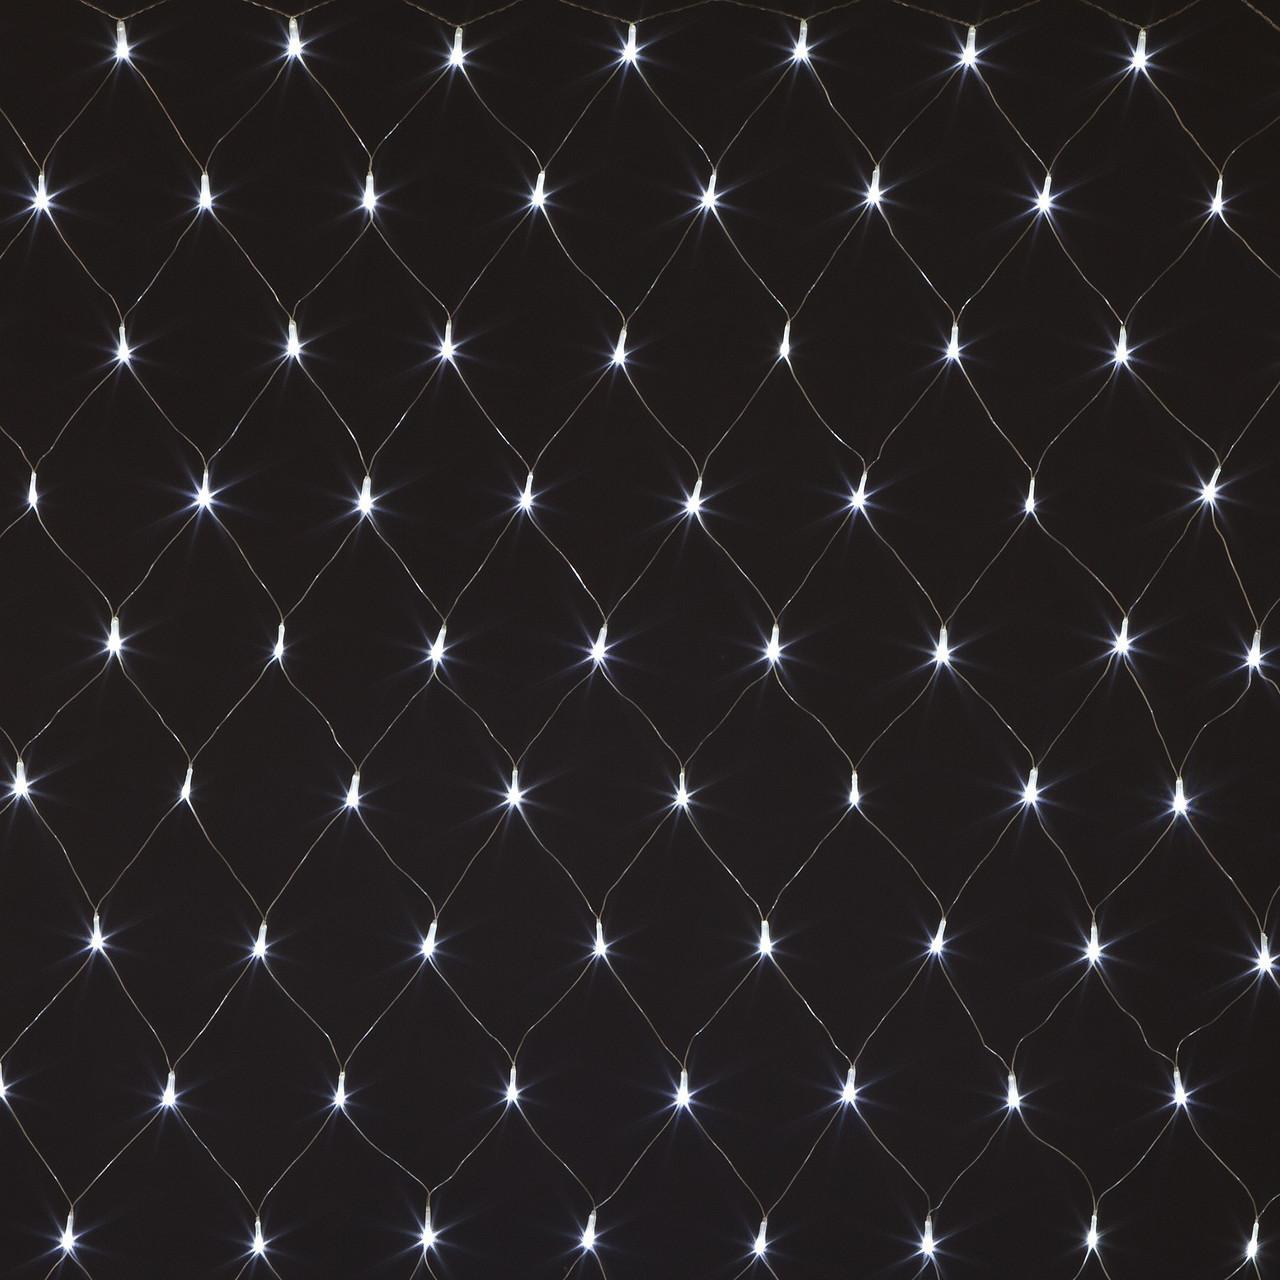 Гирлянда Сетка, 120 led, Белая, 1,5х1,2м.